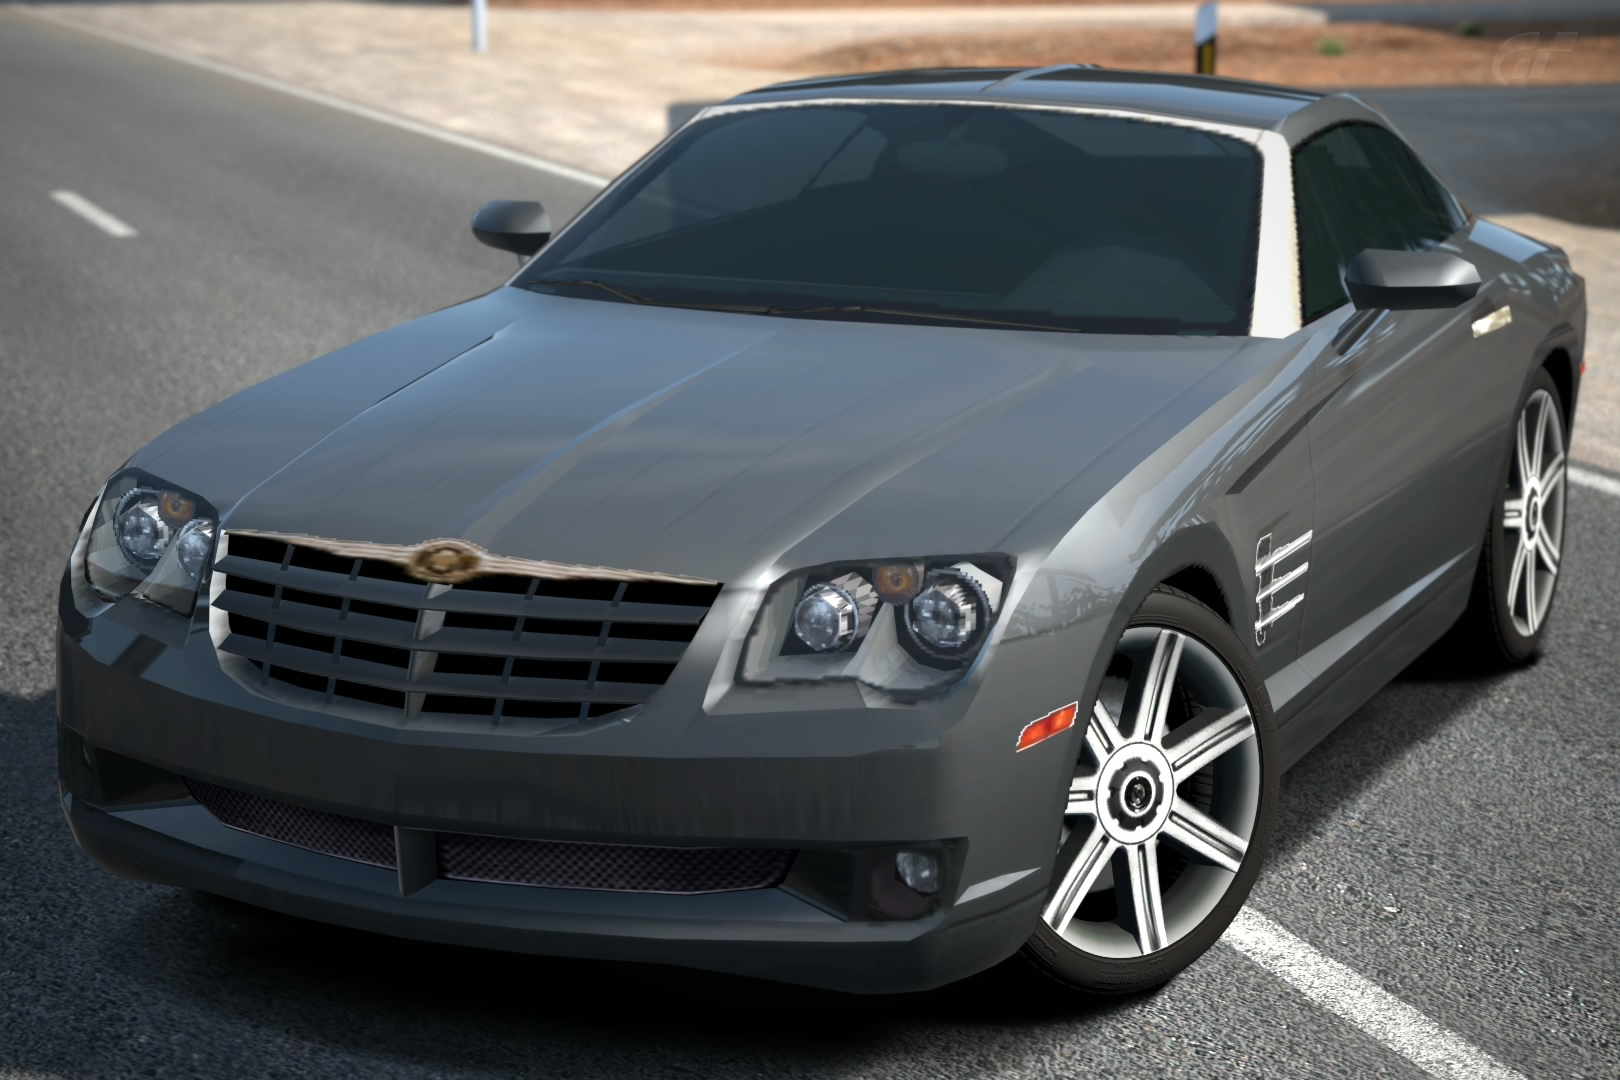 Chrysler Crossfire '04